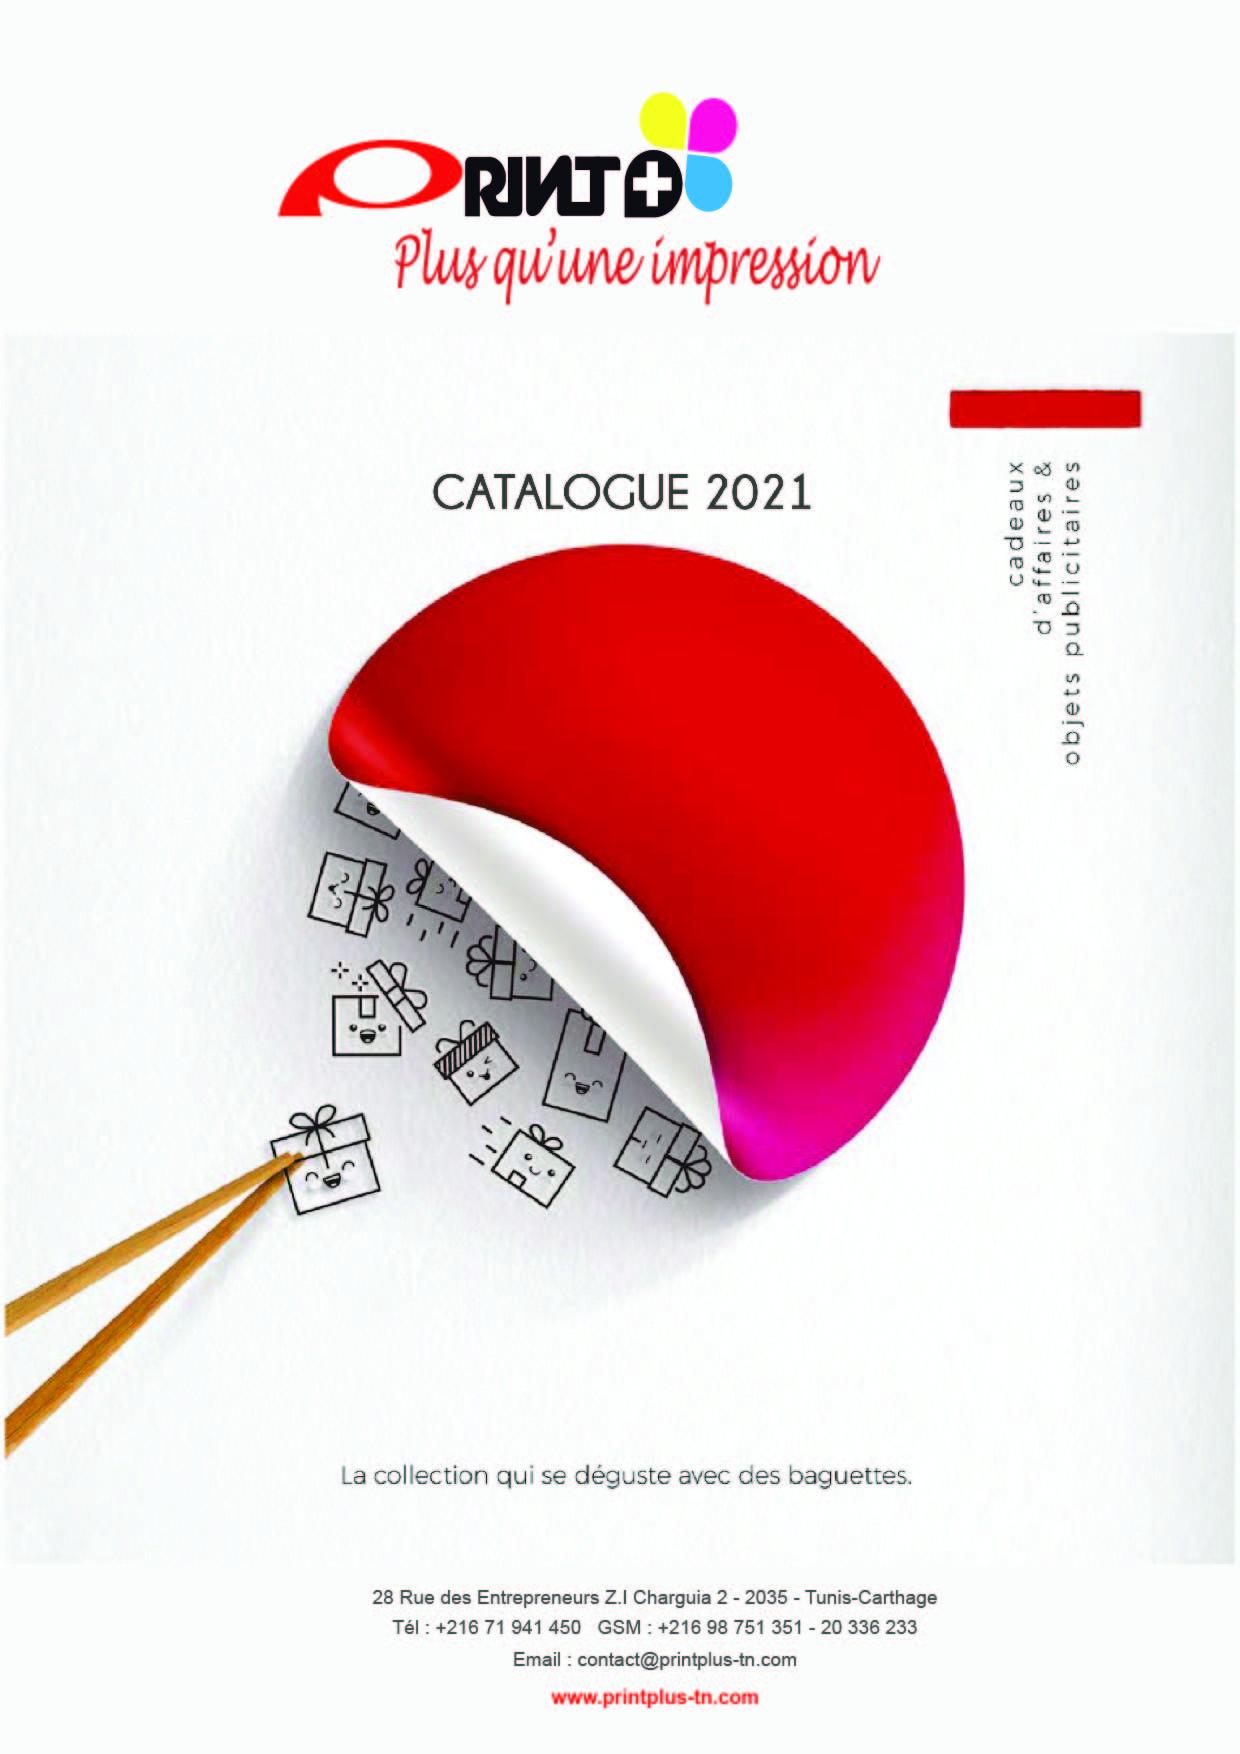 Catalogue 2019 Articles Publicitaires & Cadeaux PrintPlus